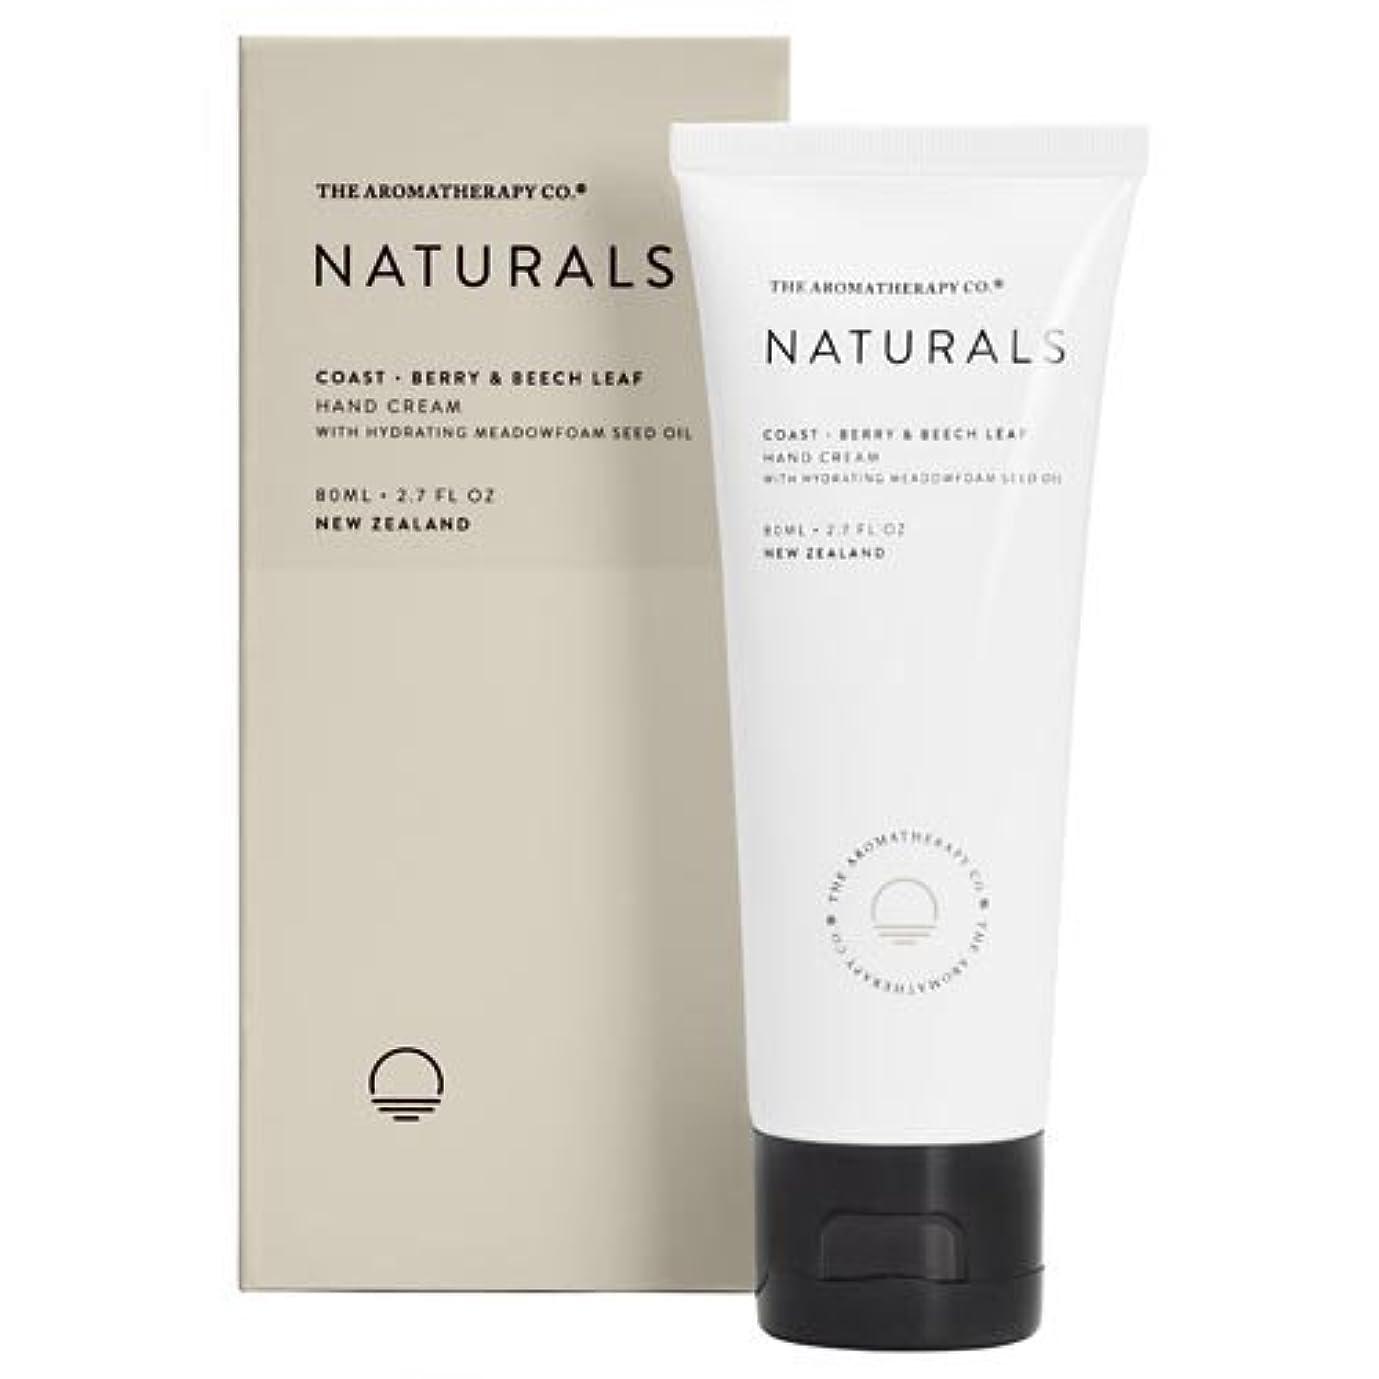 new NATURALS ナチュラルズ Hand Cream ハンドクリーム Coast コースト(海岸)Berry & Beech Leaf ベリー&ビーチリーフ